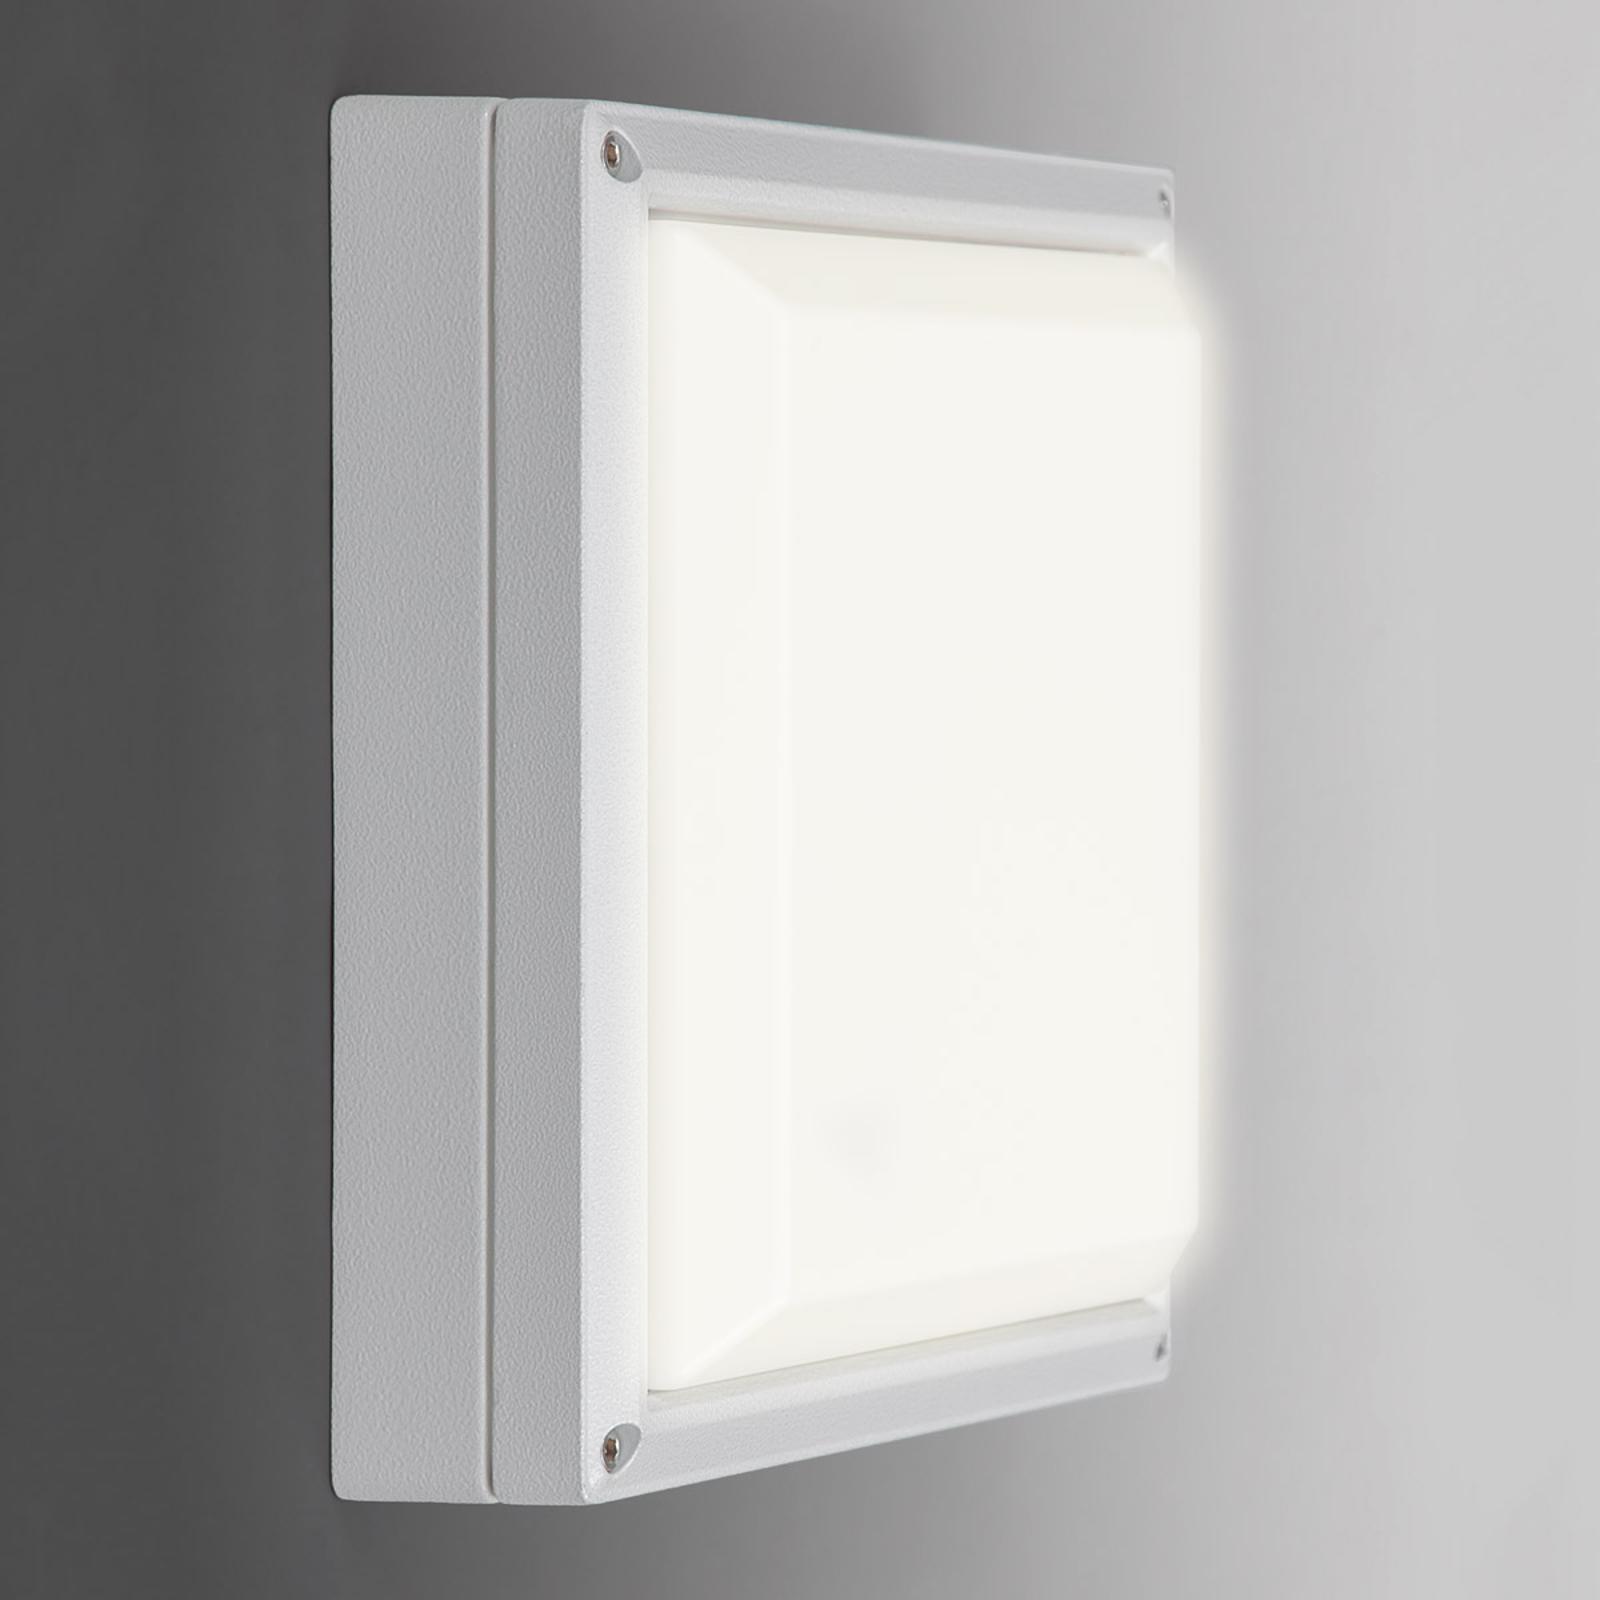 SUN 11 LED-vegglampe i hvitt med 13 W og 4 K